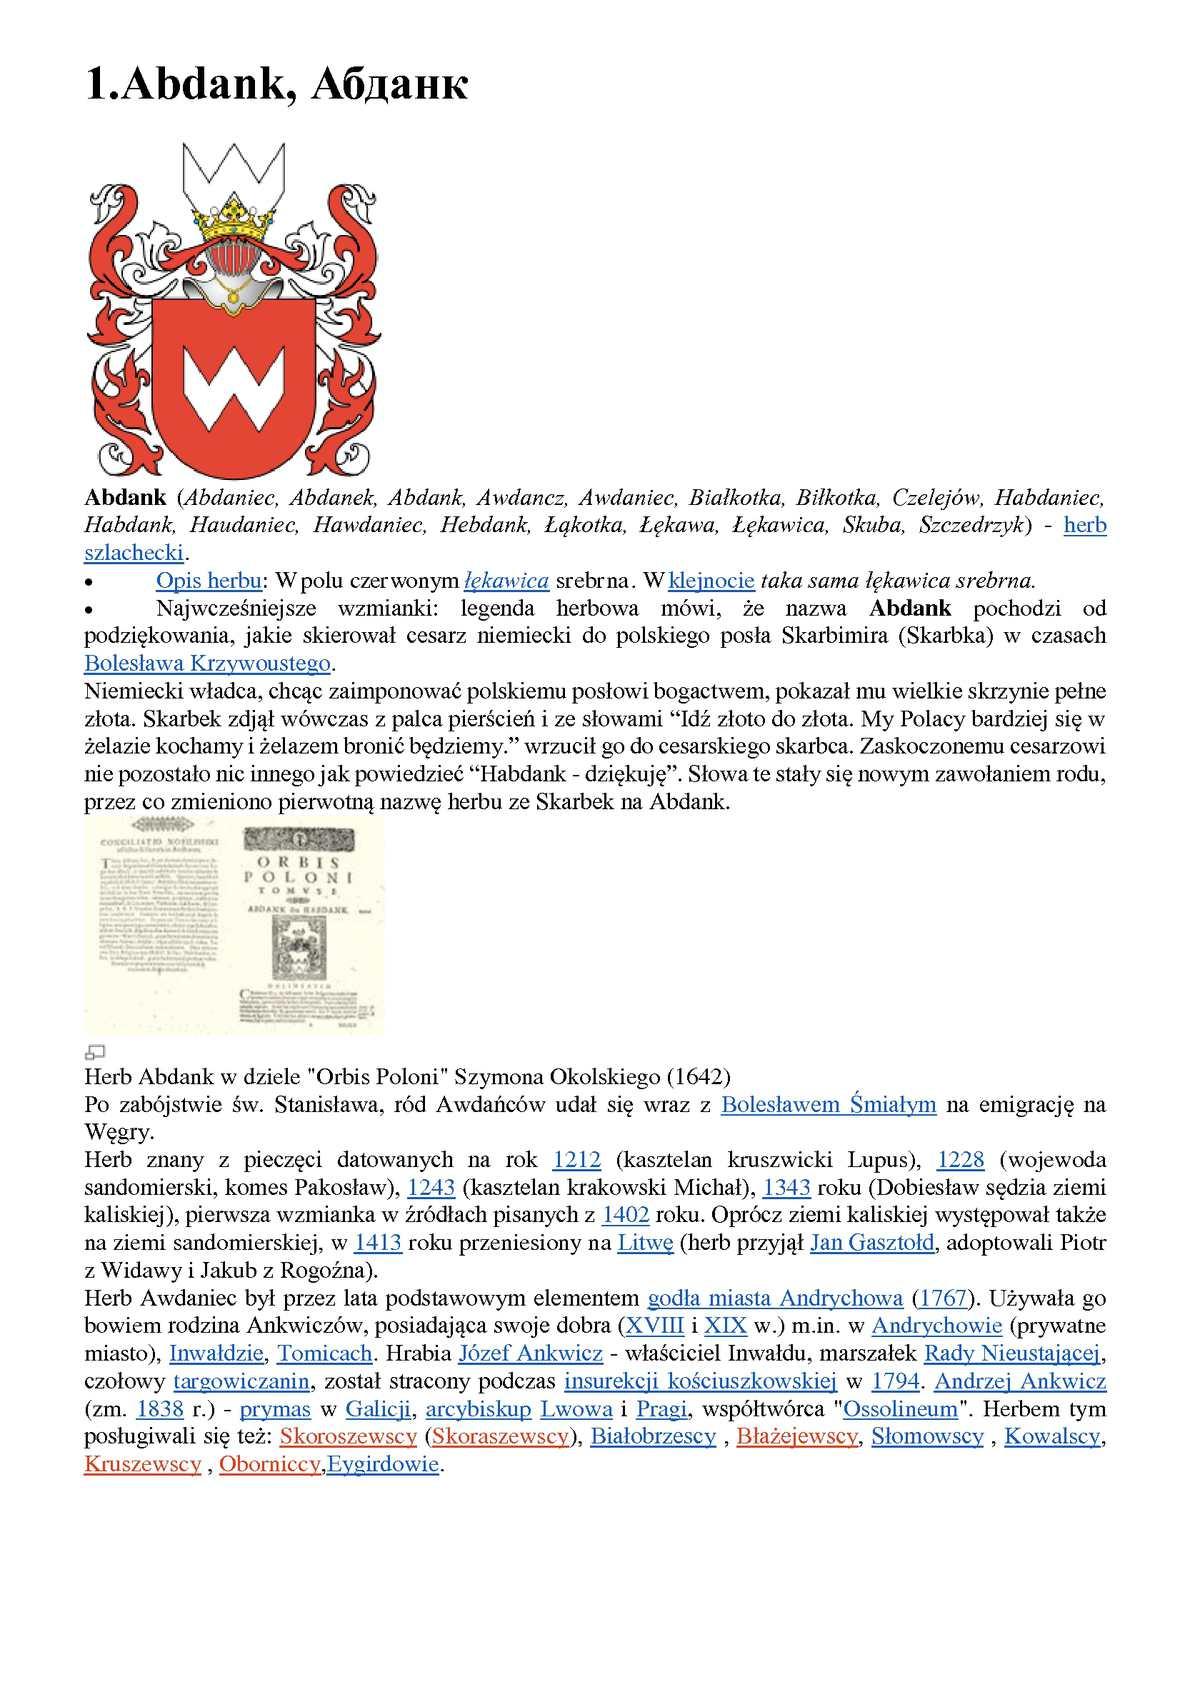 Calaméo энциклопедия шляхетских гербов на польском языке